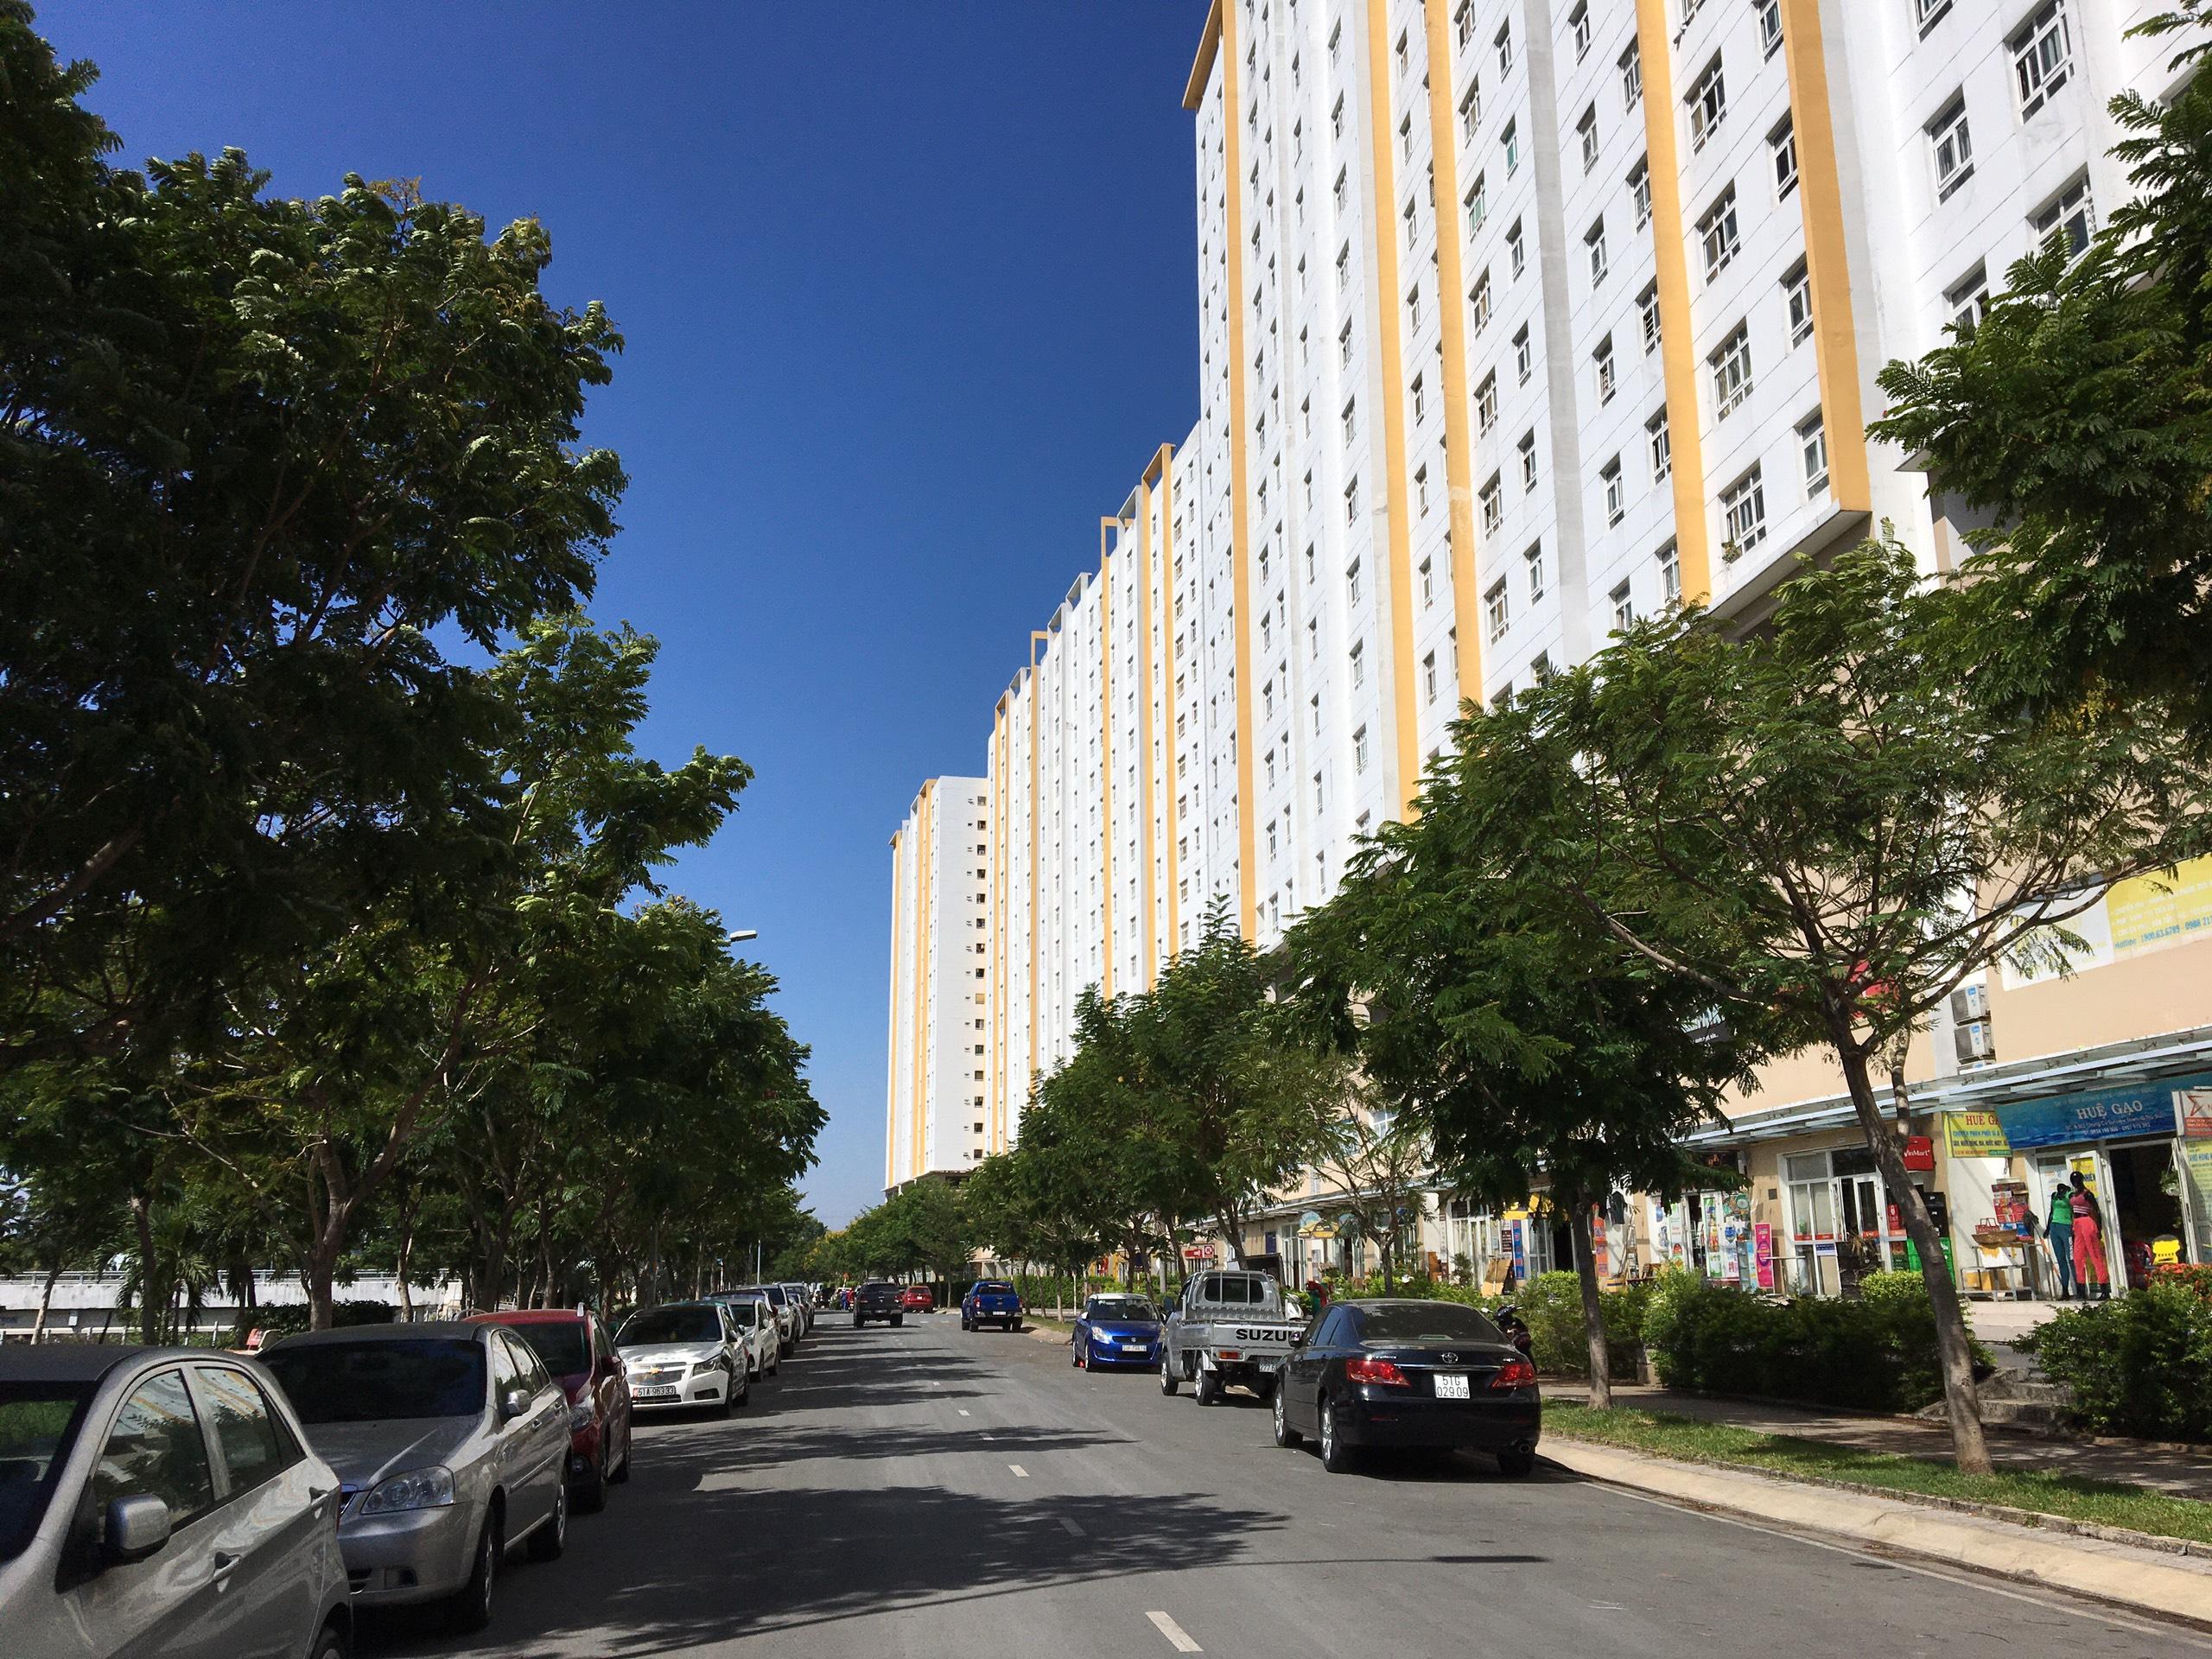 Căn hộ Sunview Town diện tích 64m2 với 2 phòng ngủ ở đường Gò Dưa, quận Thủ Đức.